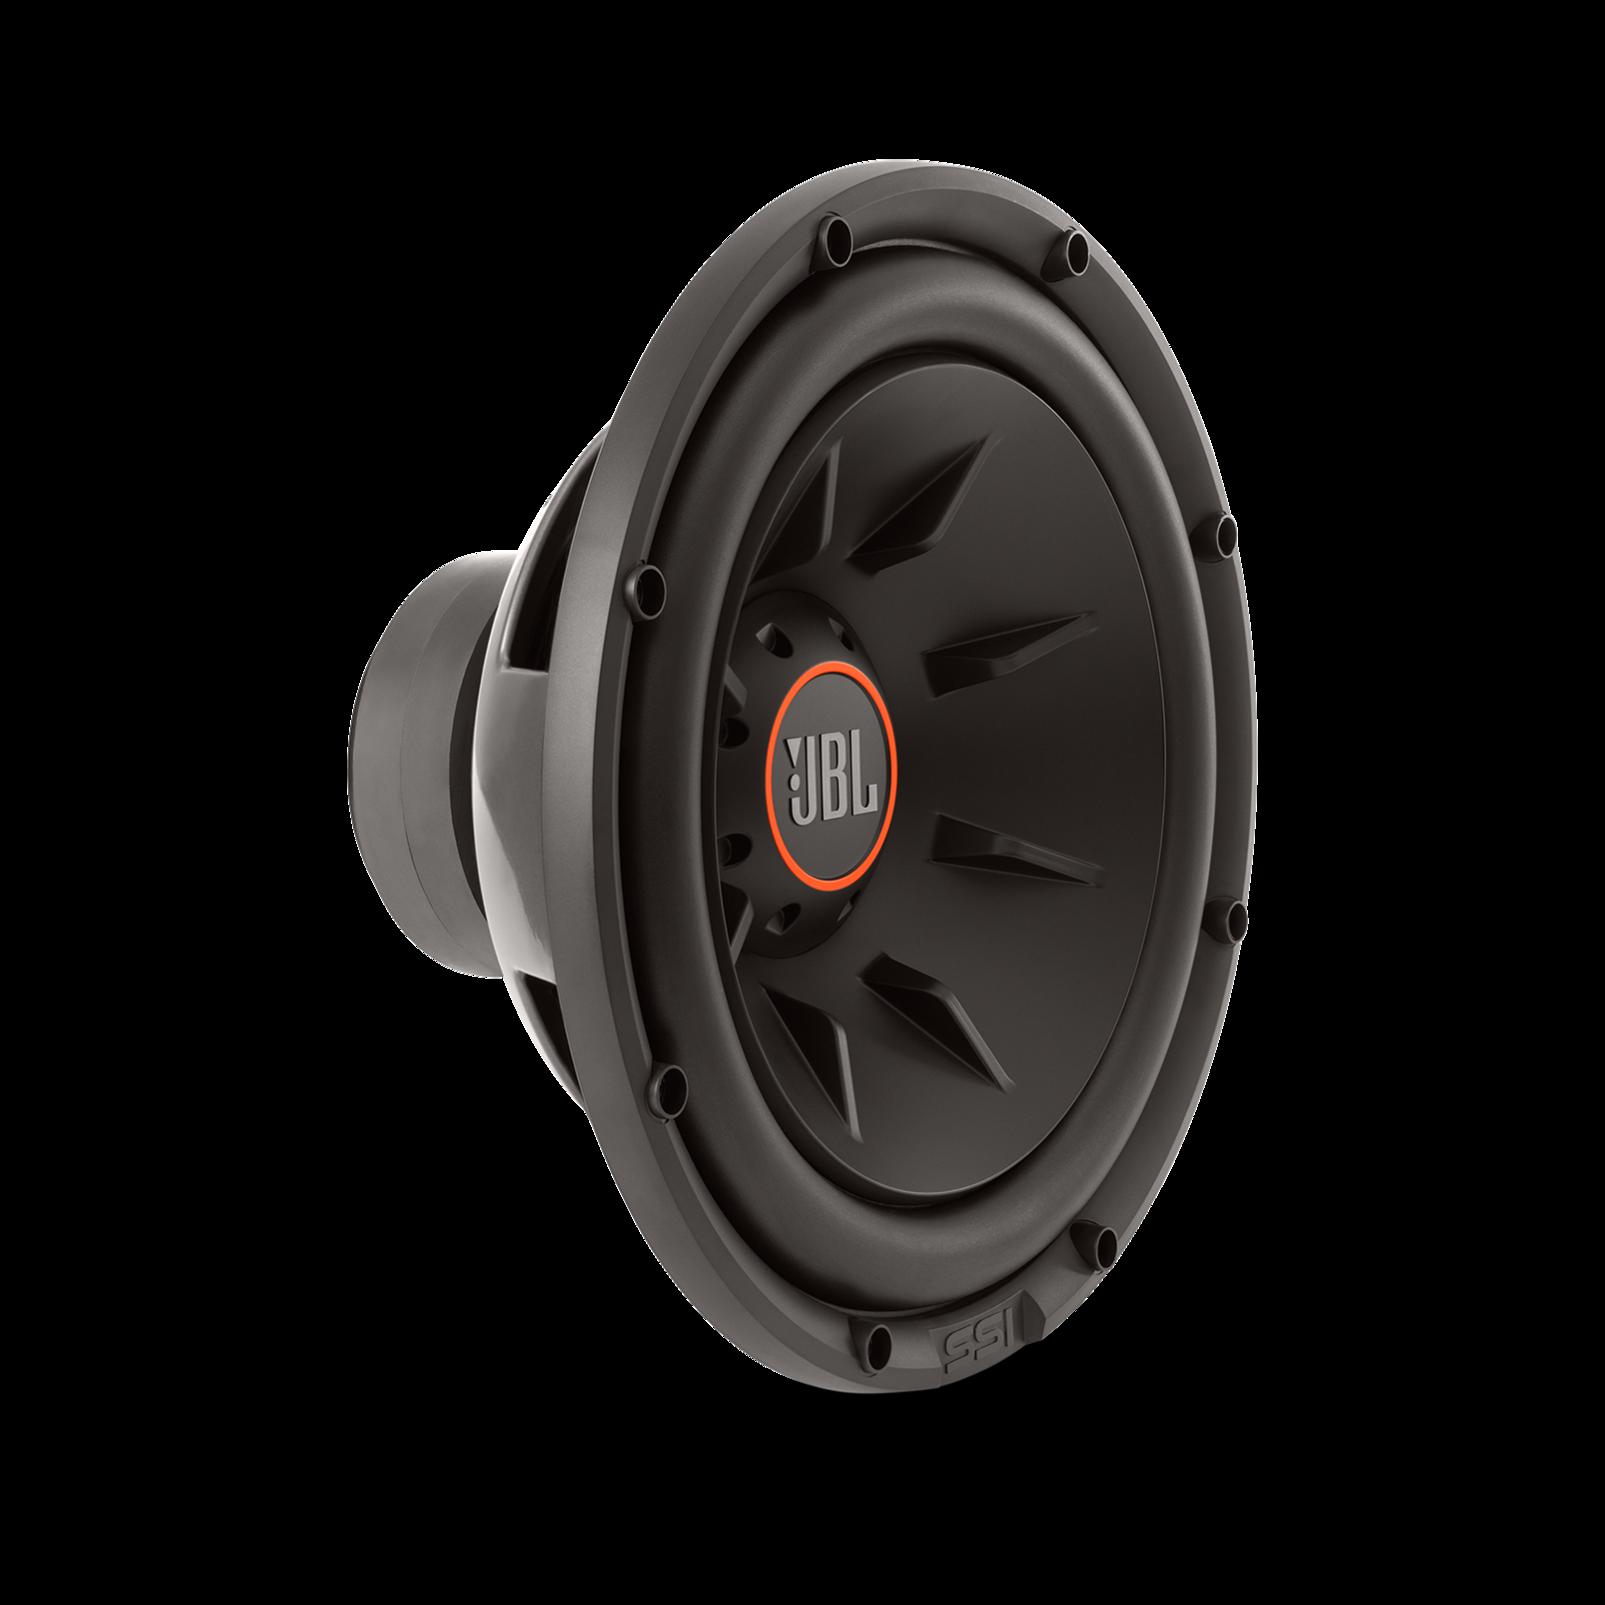 """S2-1224 - Black - 12"""" (300mm) SSI car audio subwoofer - Detailshot 1"""